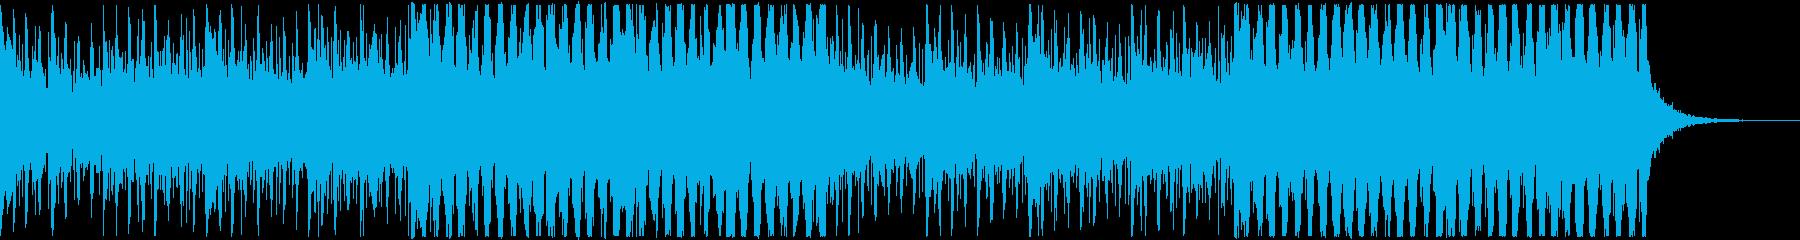 爽やか・透明感/企業VP系02aの再生済みの波形